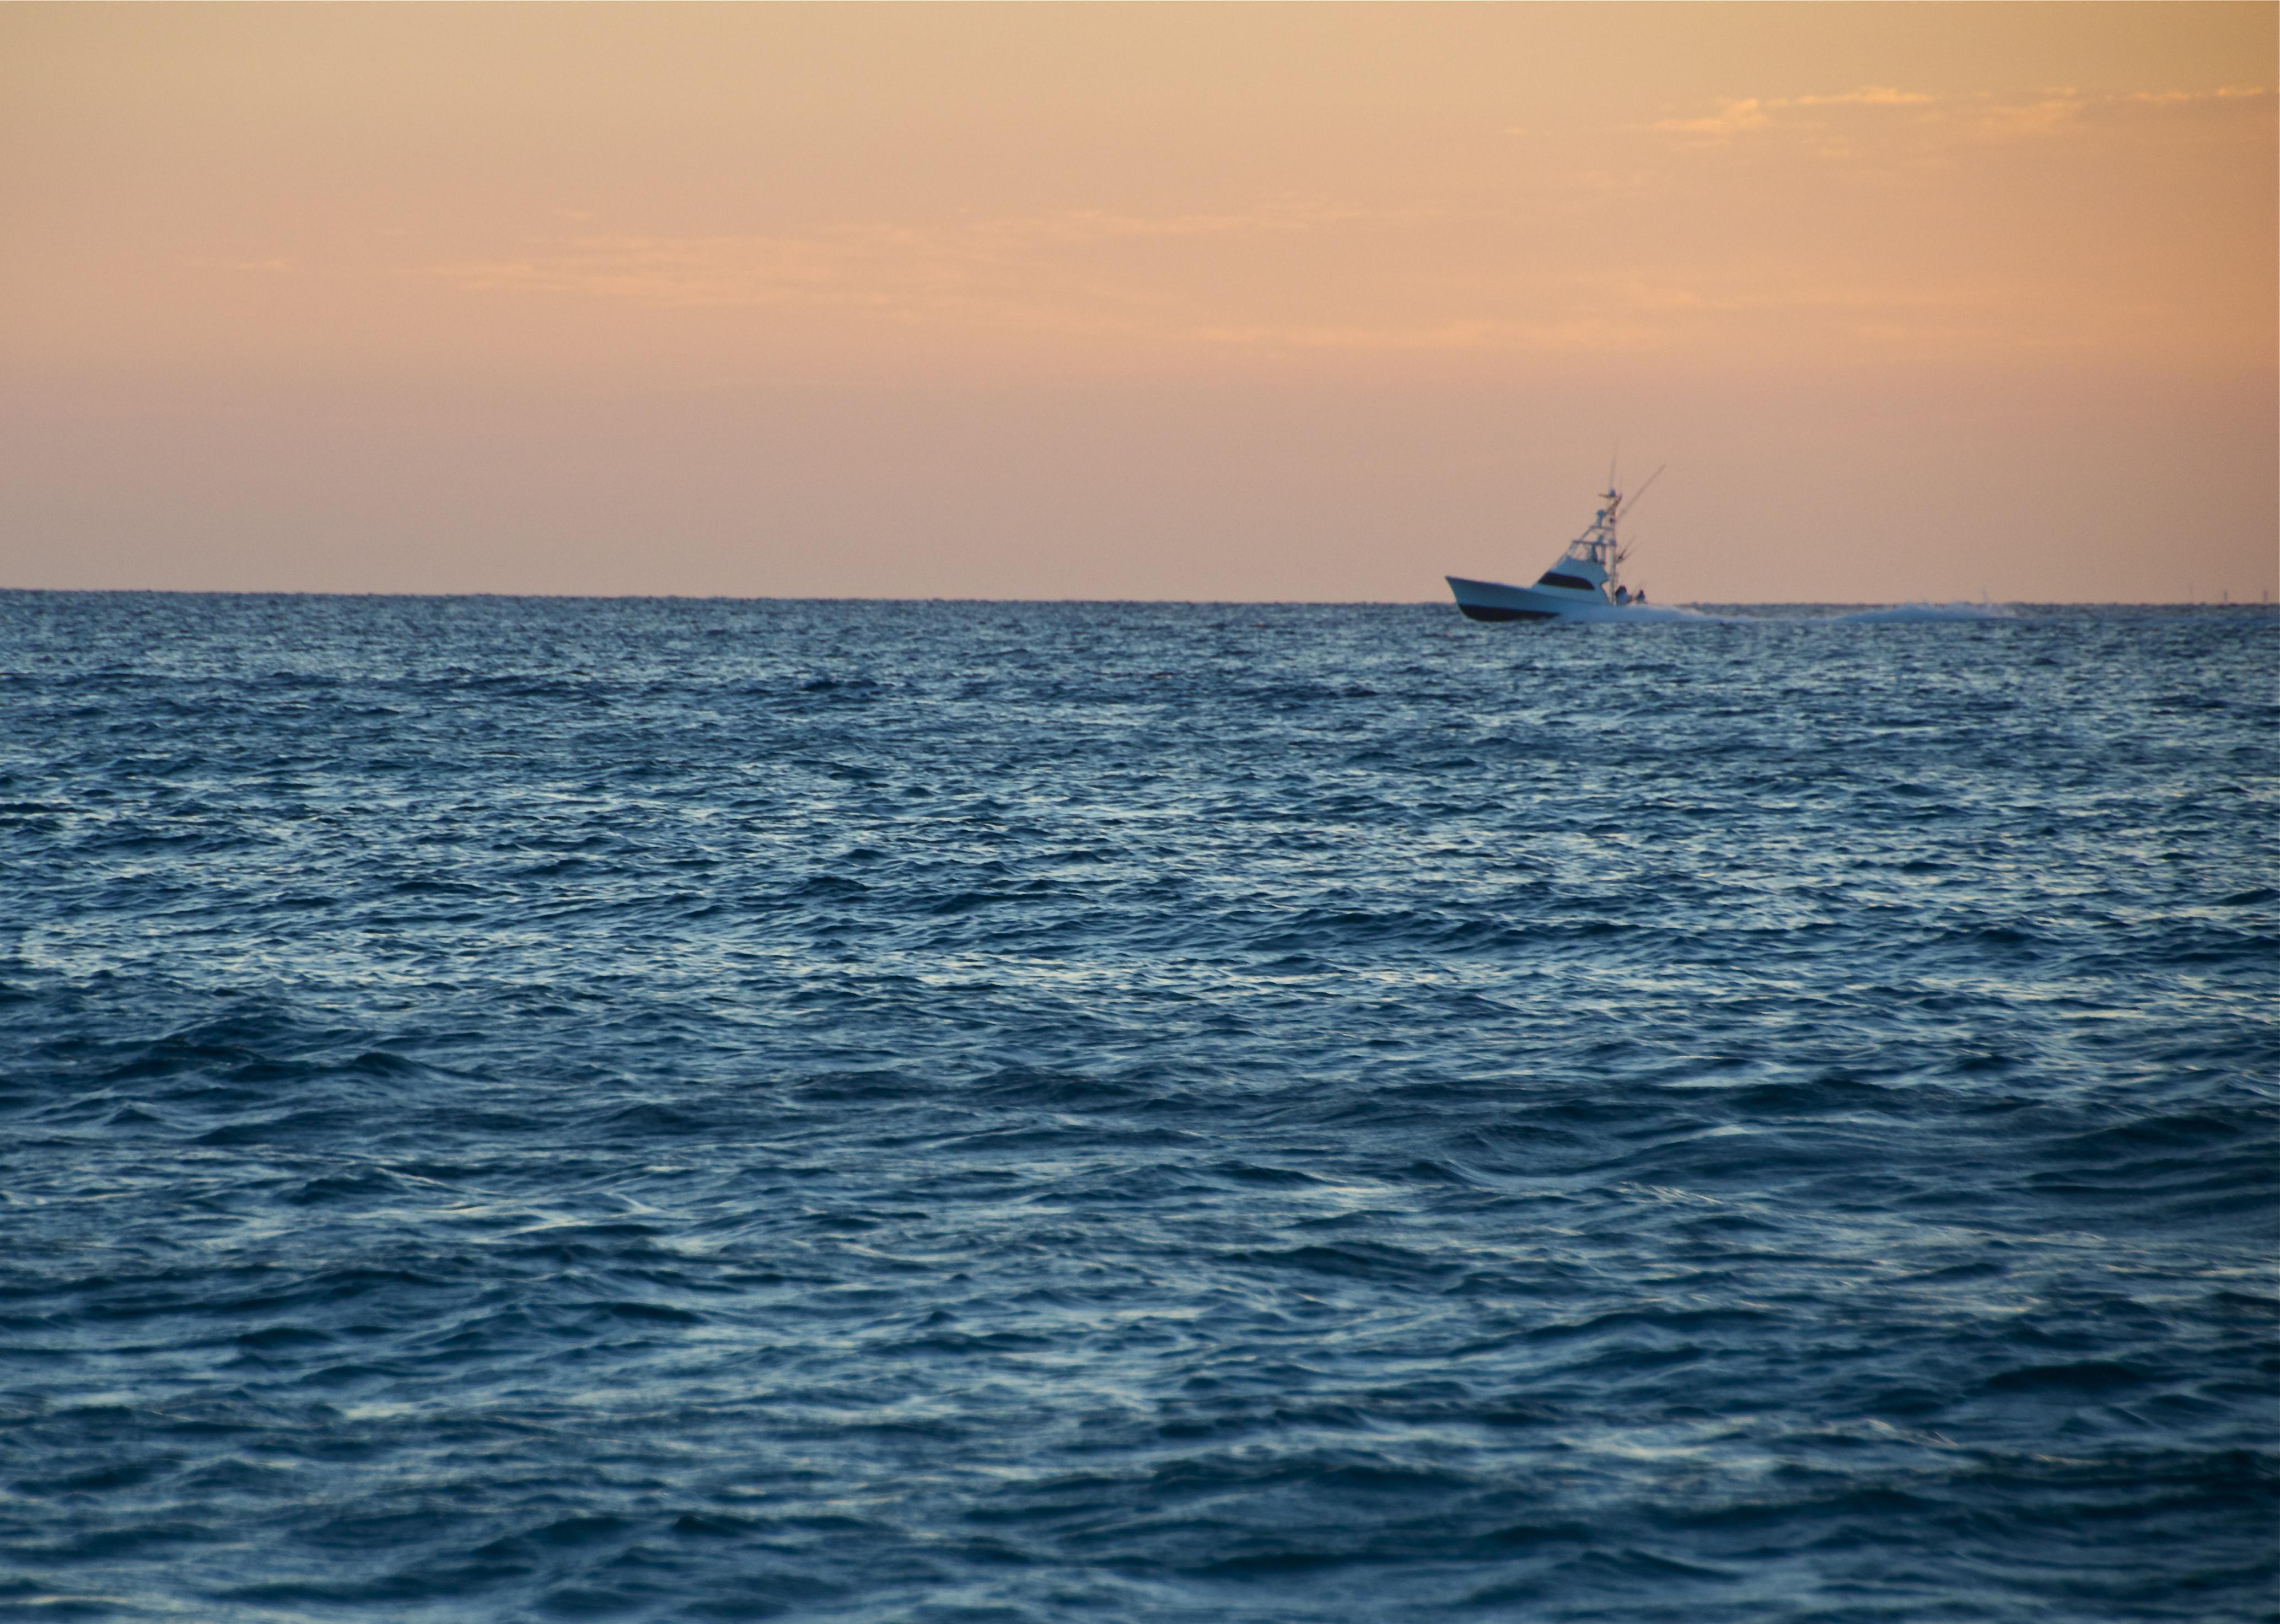 Https Shiftingthebalance Com 2013 02 21 The Sea